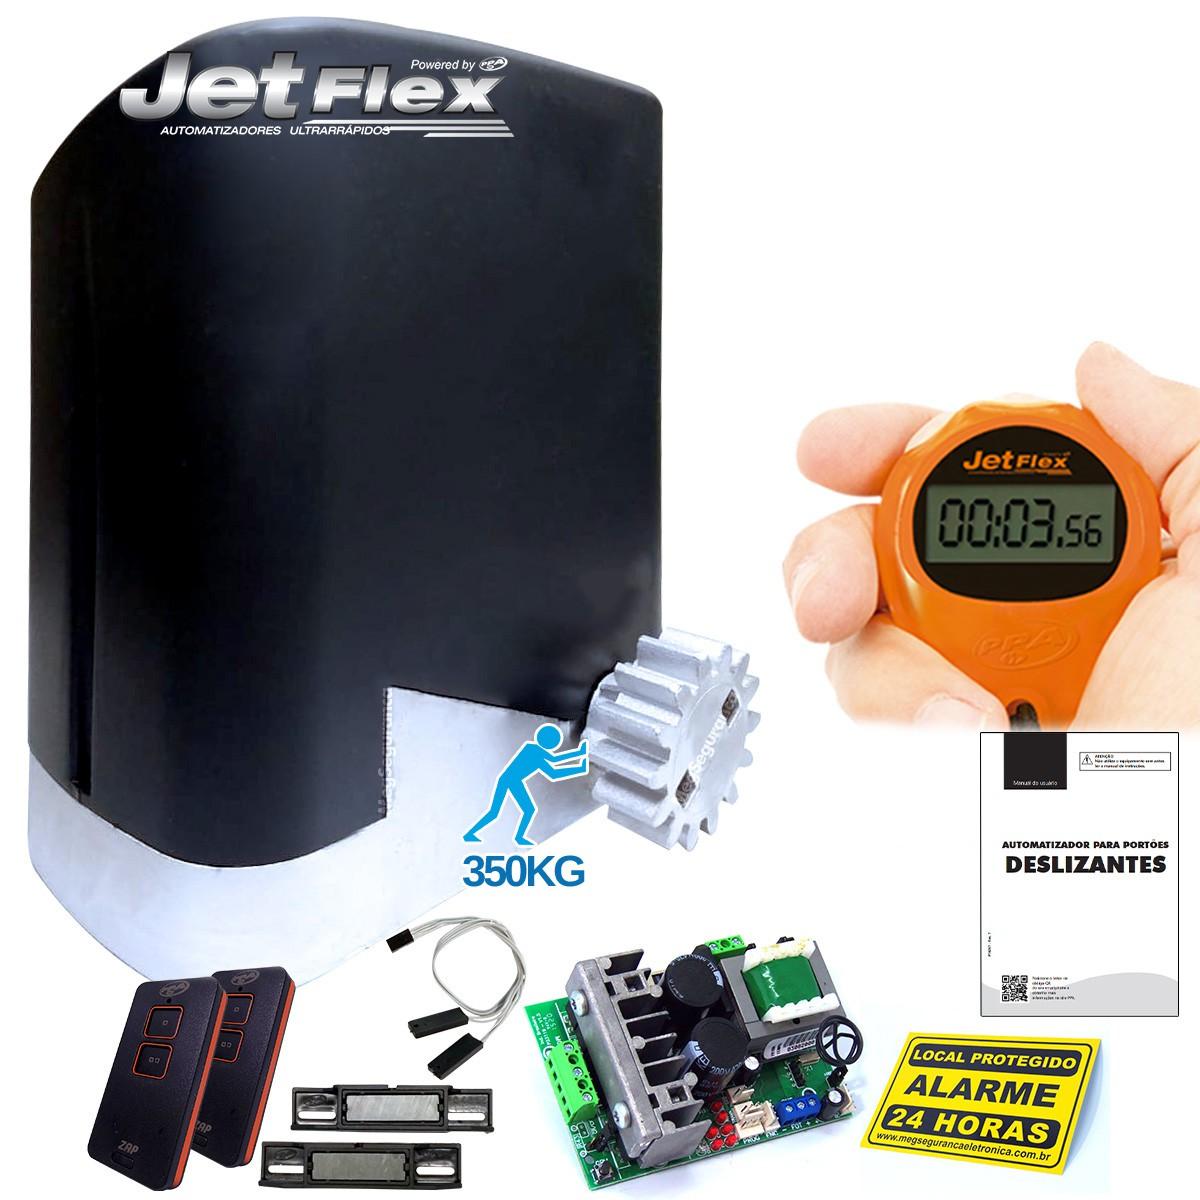 Kit 1 Motor PPA DZ Home Jetflex 2 Controles Portão Eletrônico 350kg